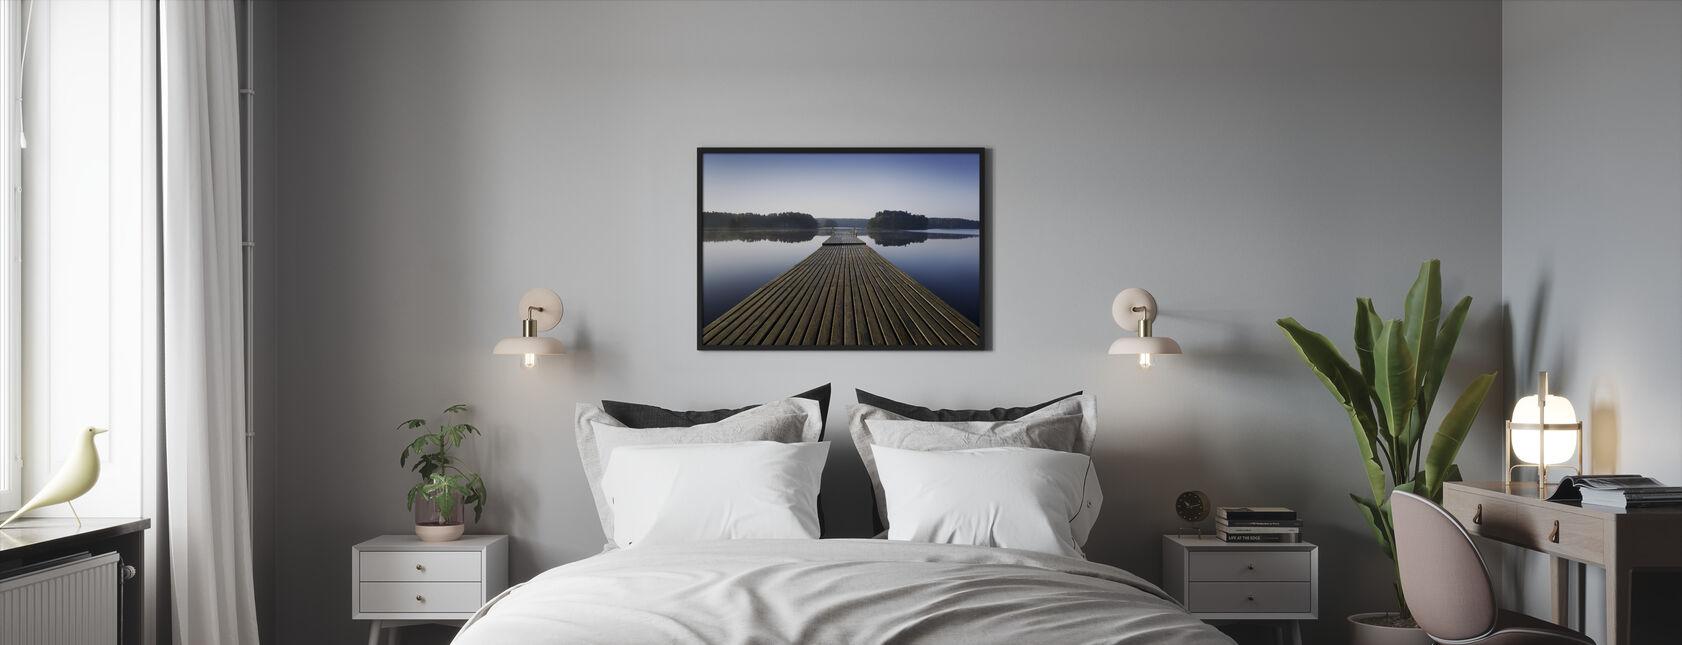 Wooden Pier at Morning - Framed print - Bedroom